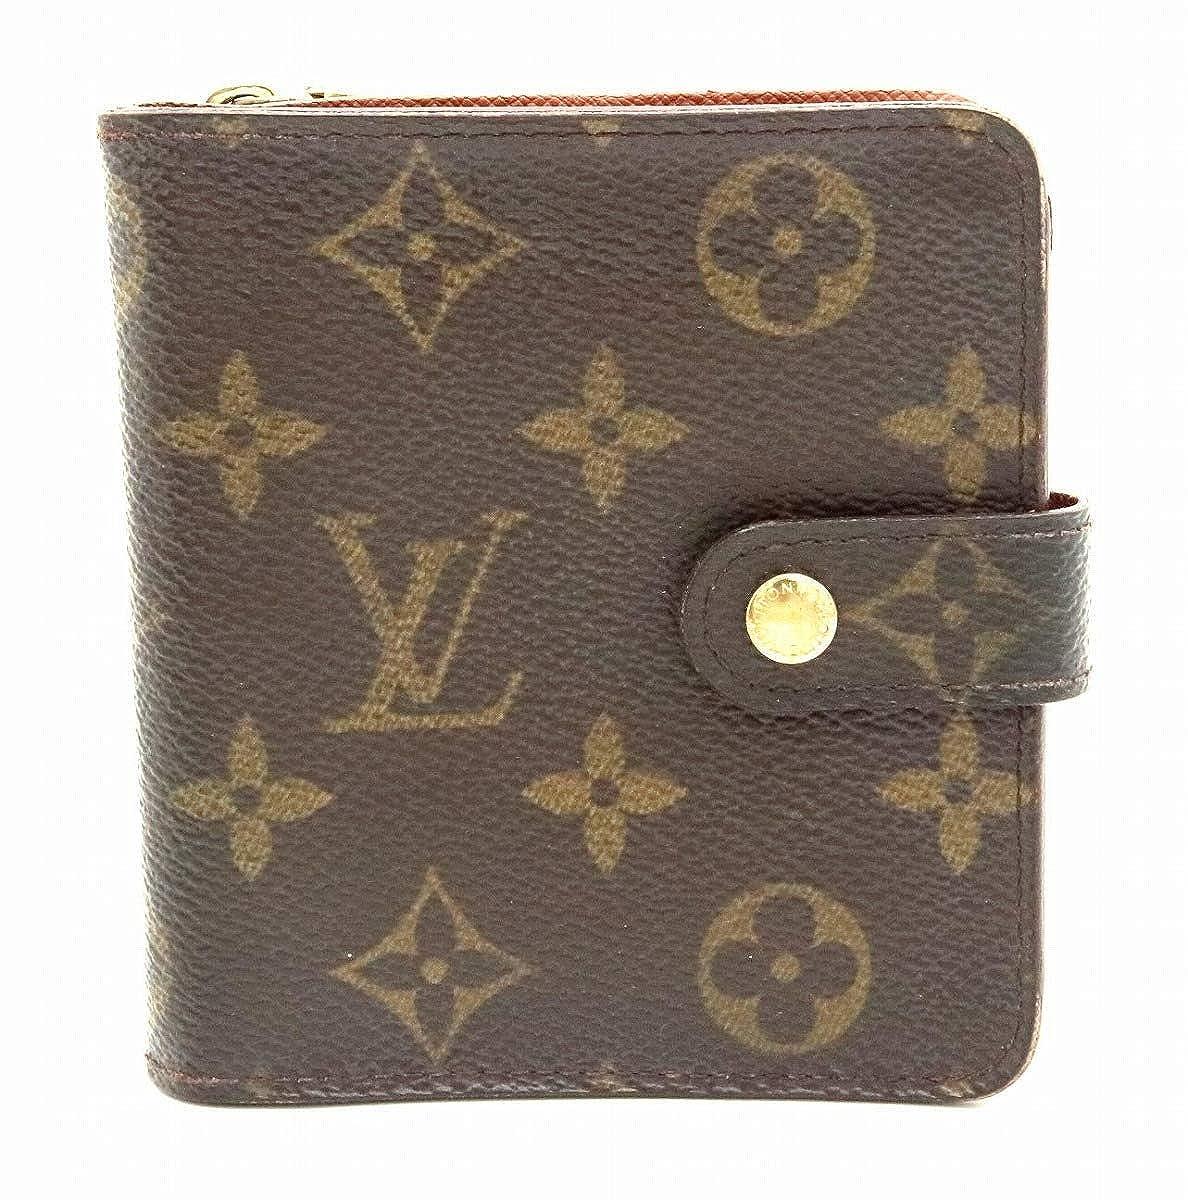 [ルイ ヴィトン] LOUIS VUITTON モノグラム コンパクトジップ コの字型 2つ折ファスナー財布 M61667 [中古]   B07QZFHM65